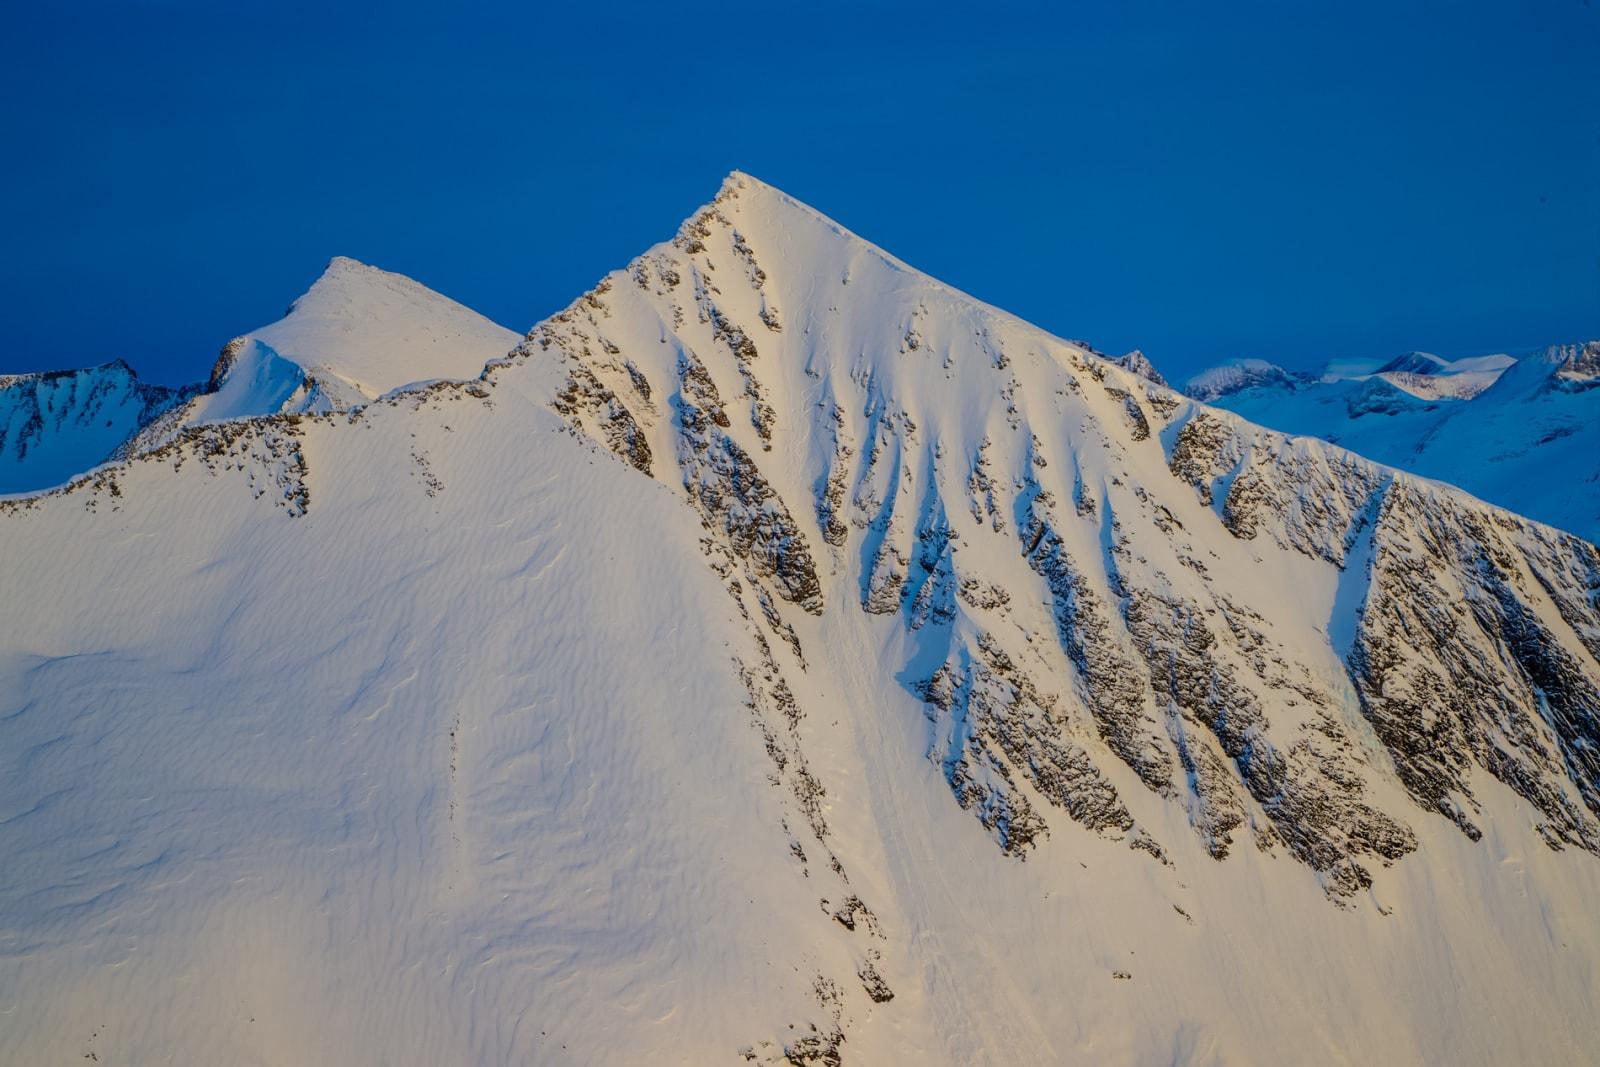 TO SPOR: Kirketaket er en av Norges mest besøkte topper, men vestsiden er heldigvis ikke veien de fleste velger å kjøre ned igjen. Bilde: Terje Aamodt